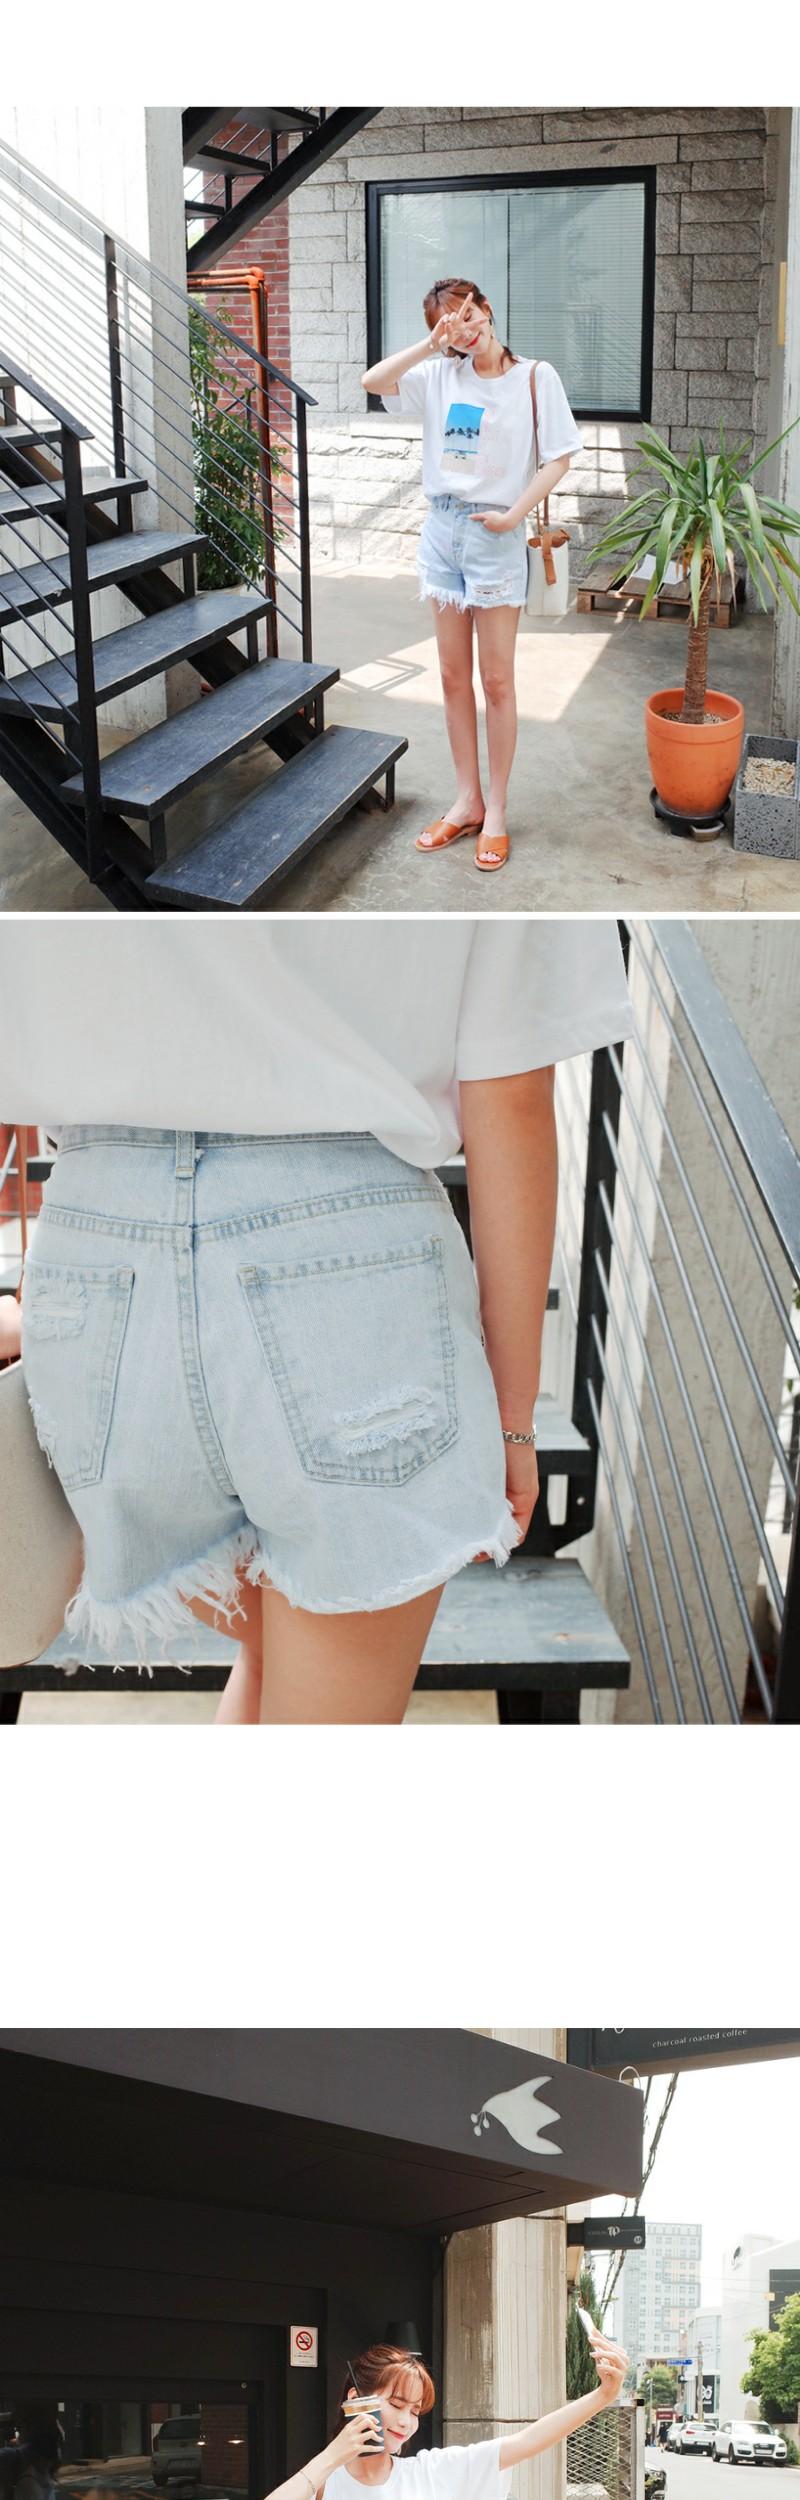 Cool feeling pants